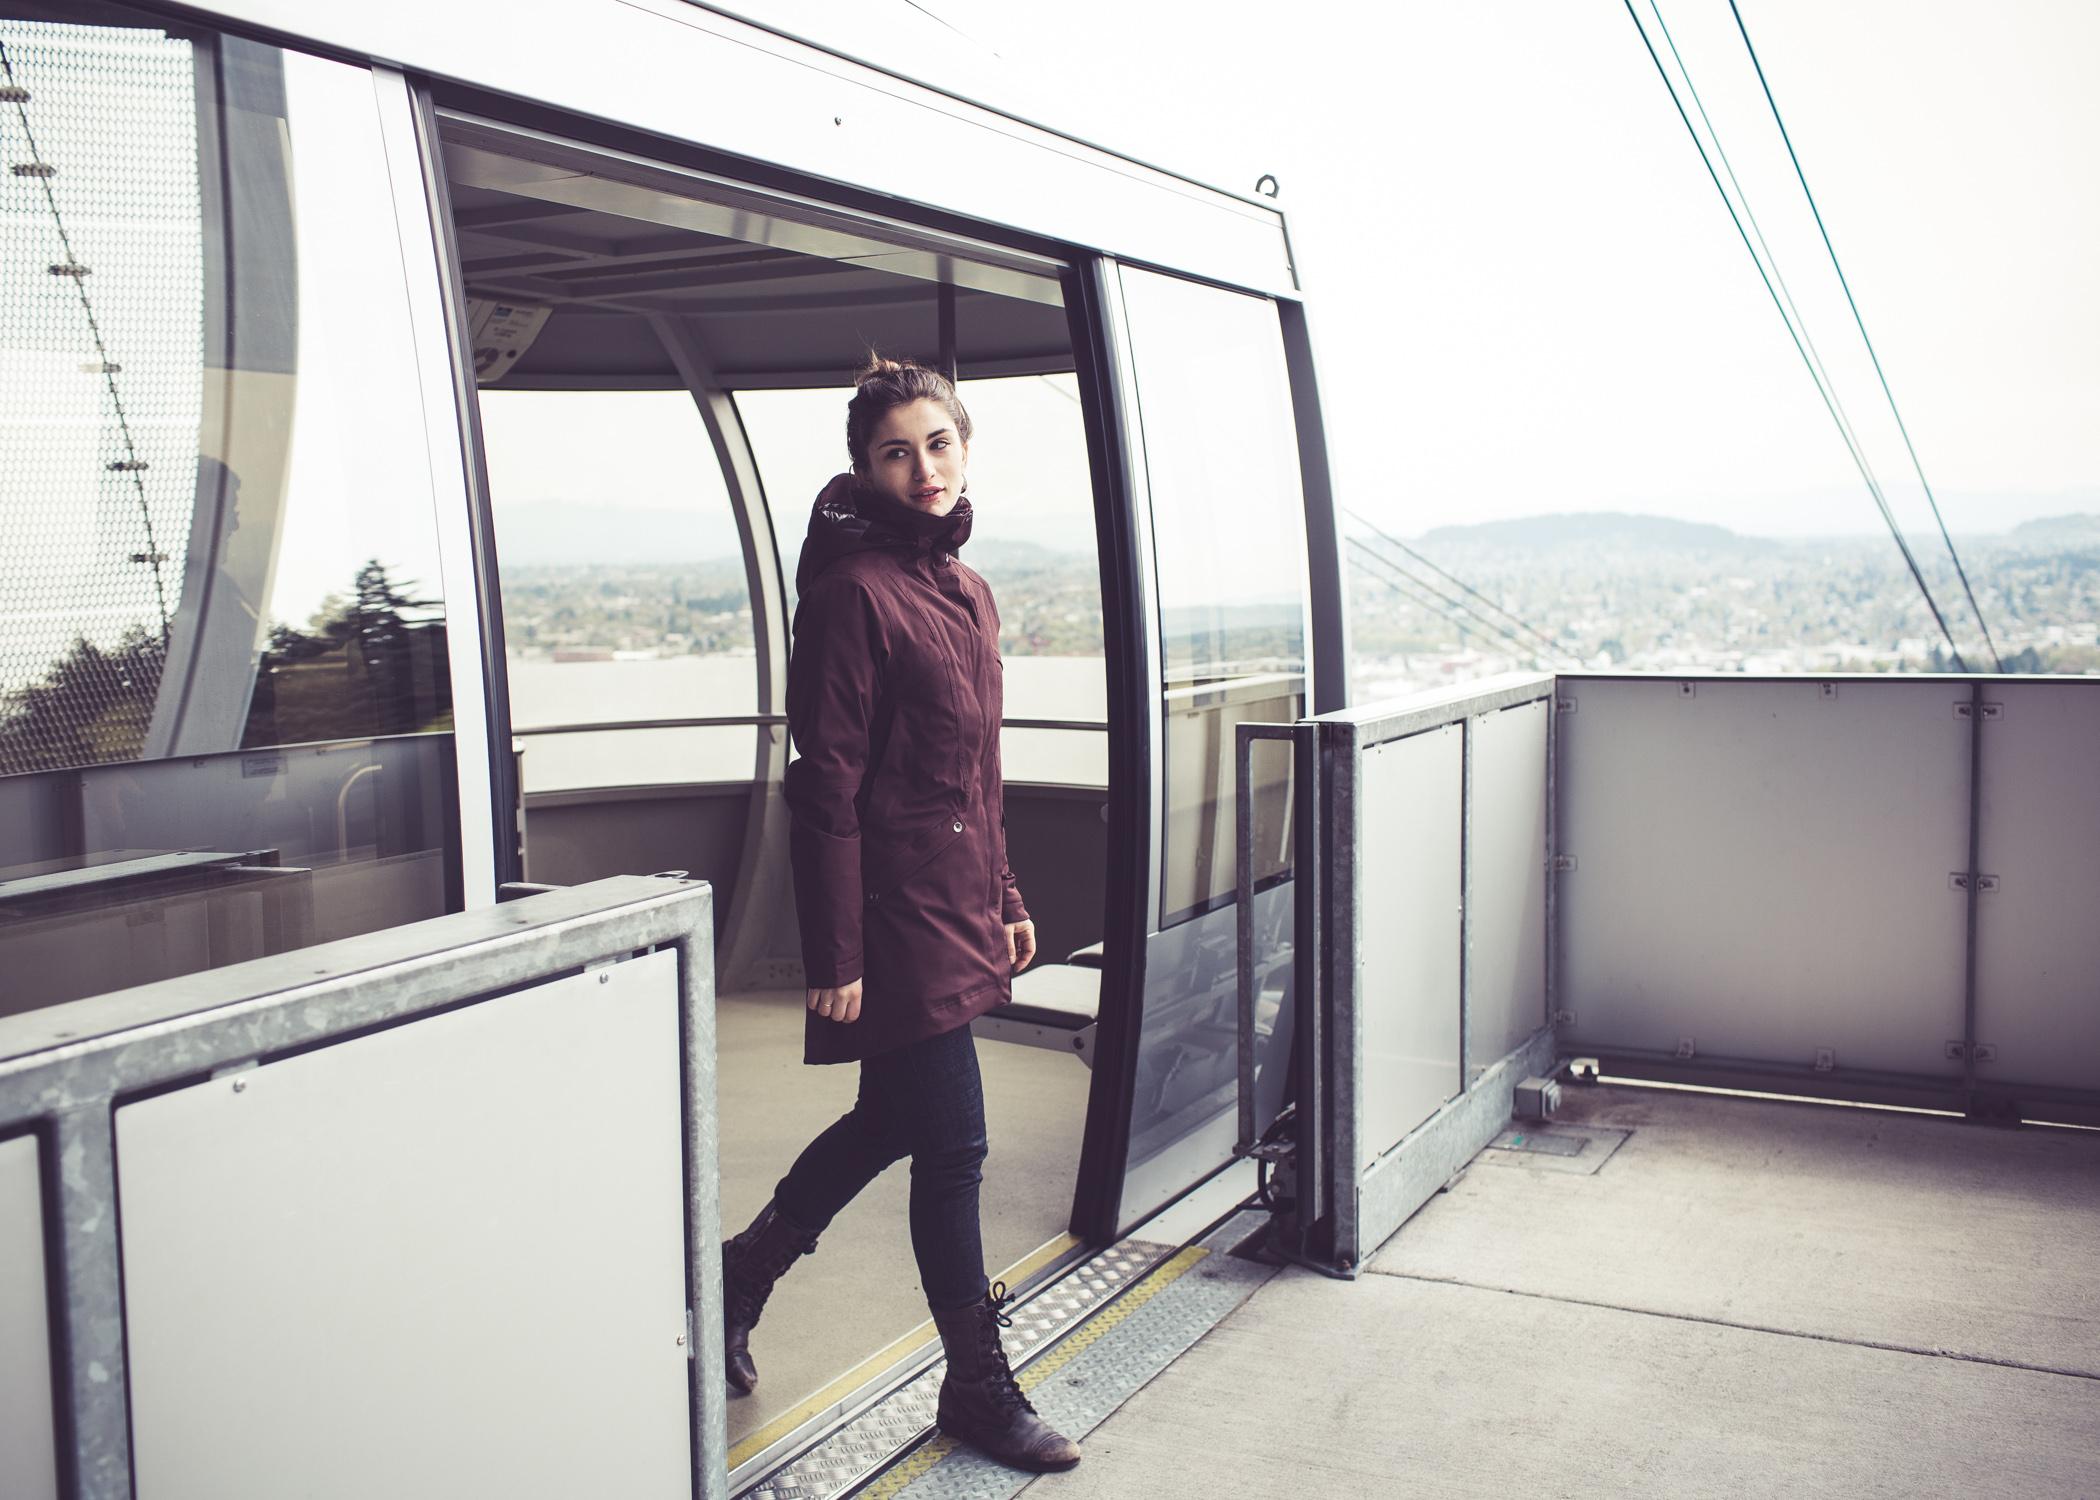 matt_d'annunzio_fashion_lifestyle-25.jpg